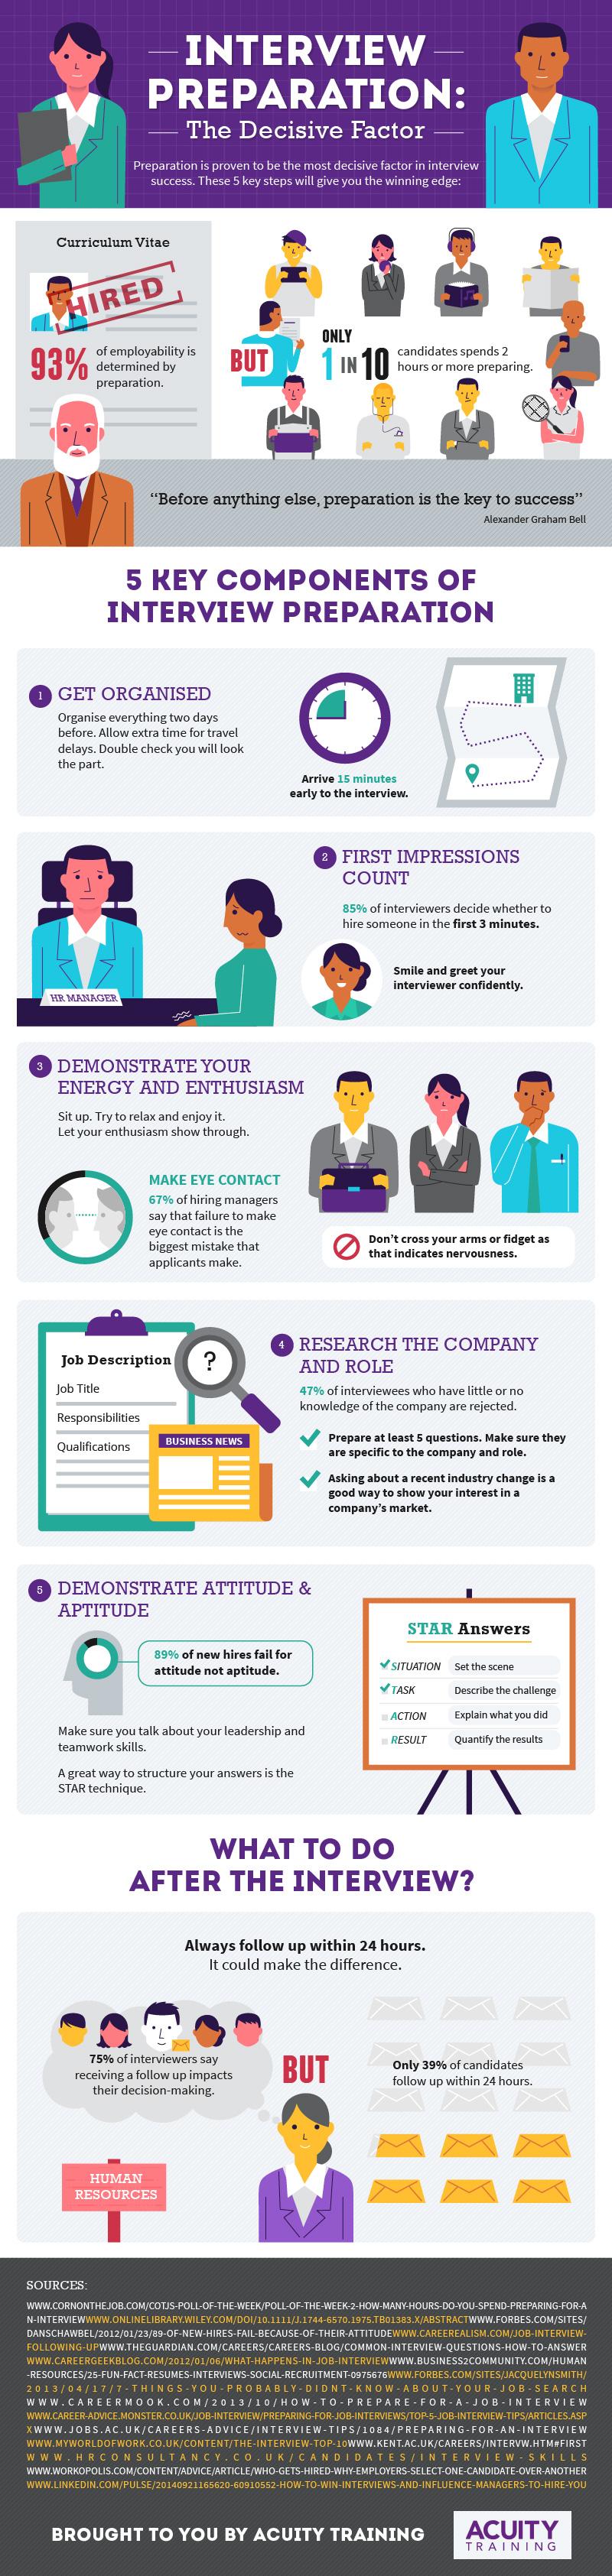 Interview-Preparation-Infographic.jpg